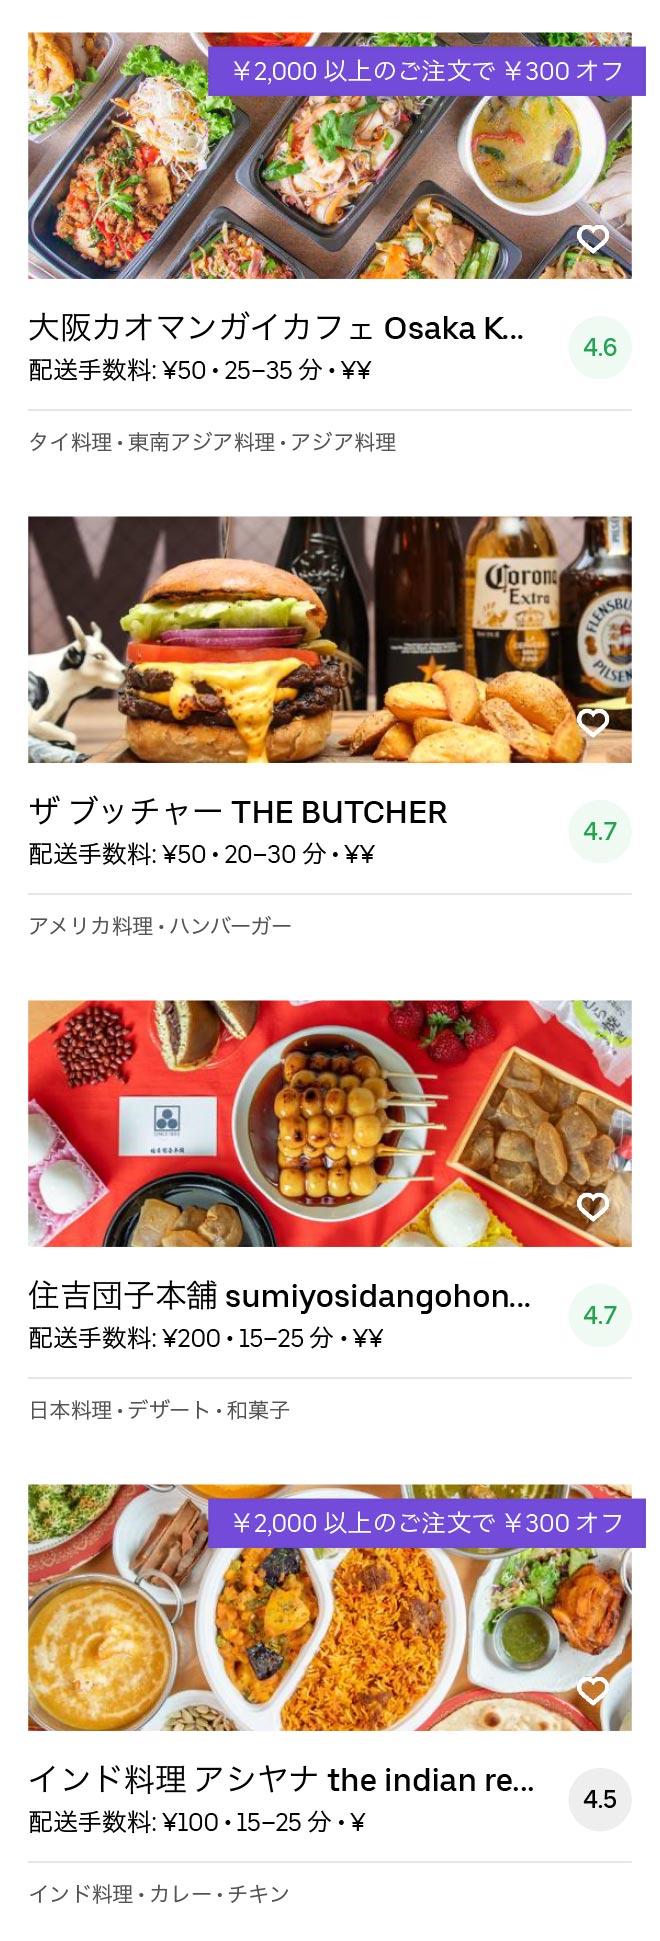 Osaka nanba menu 2005 11